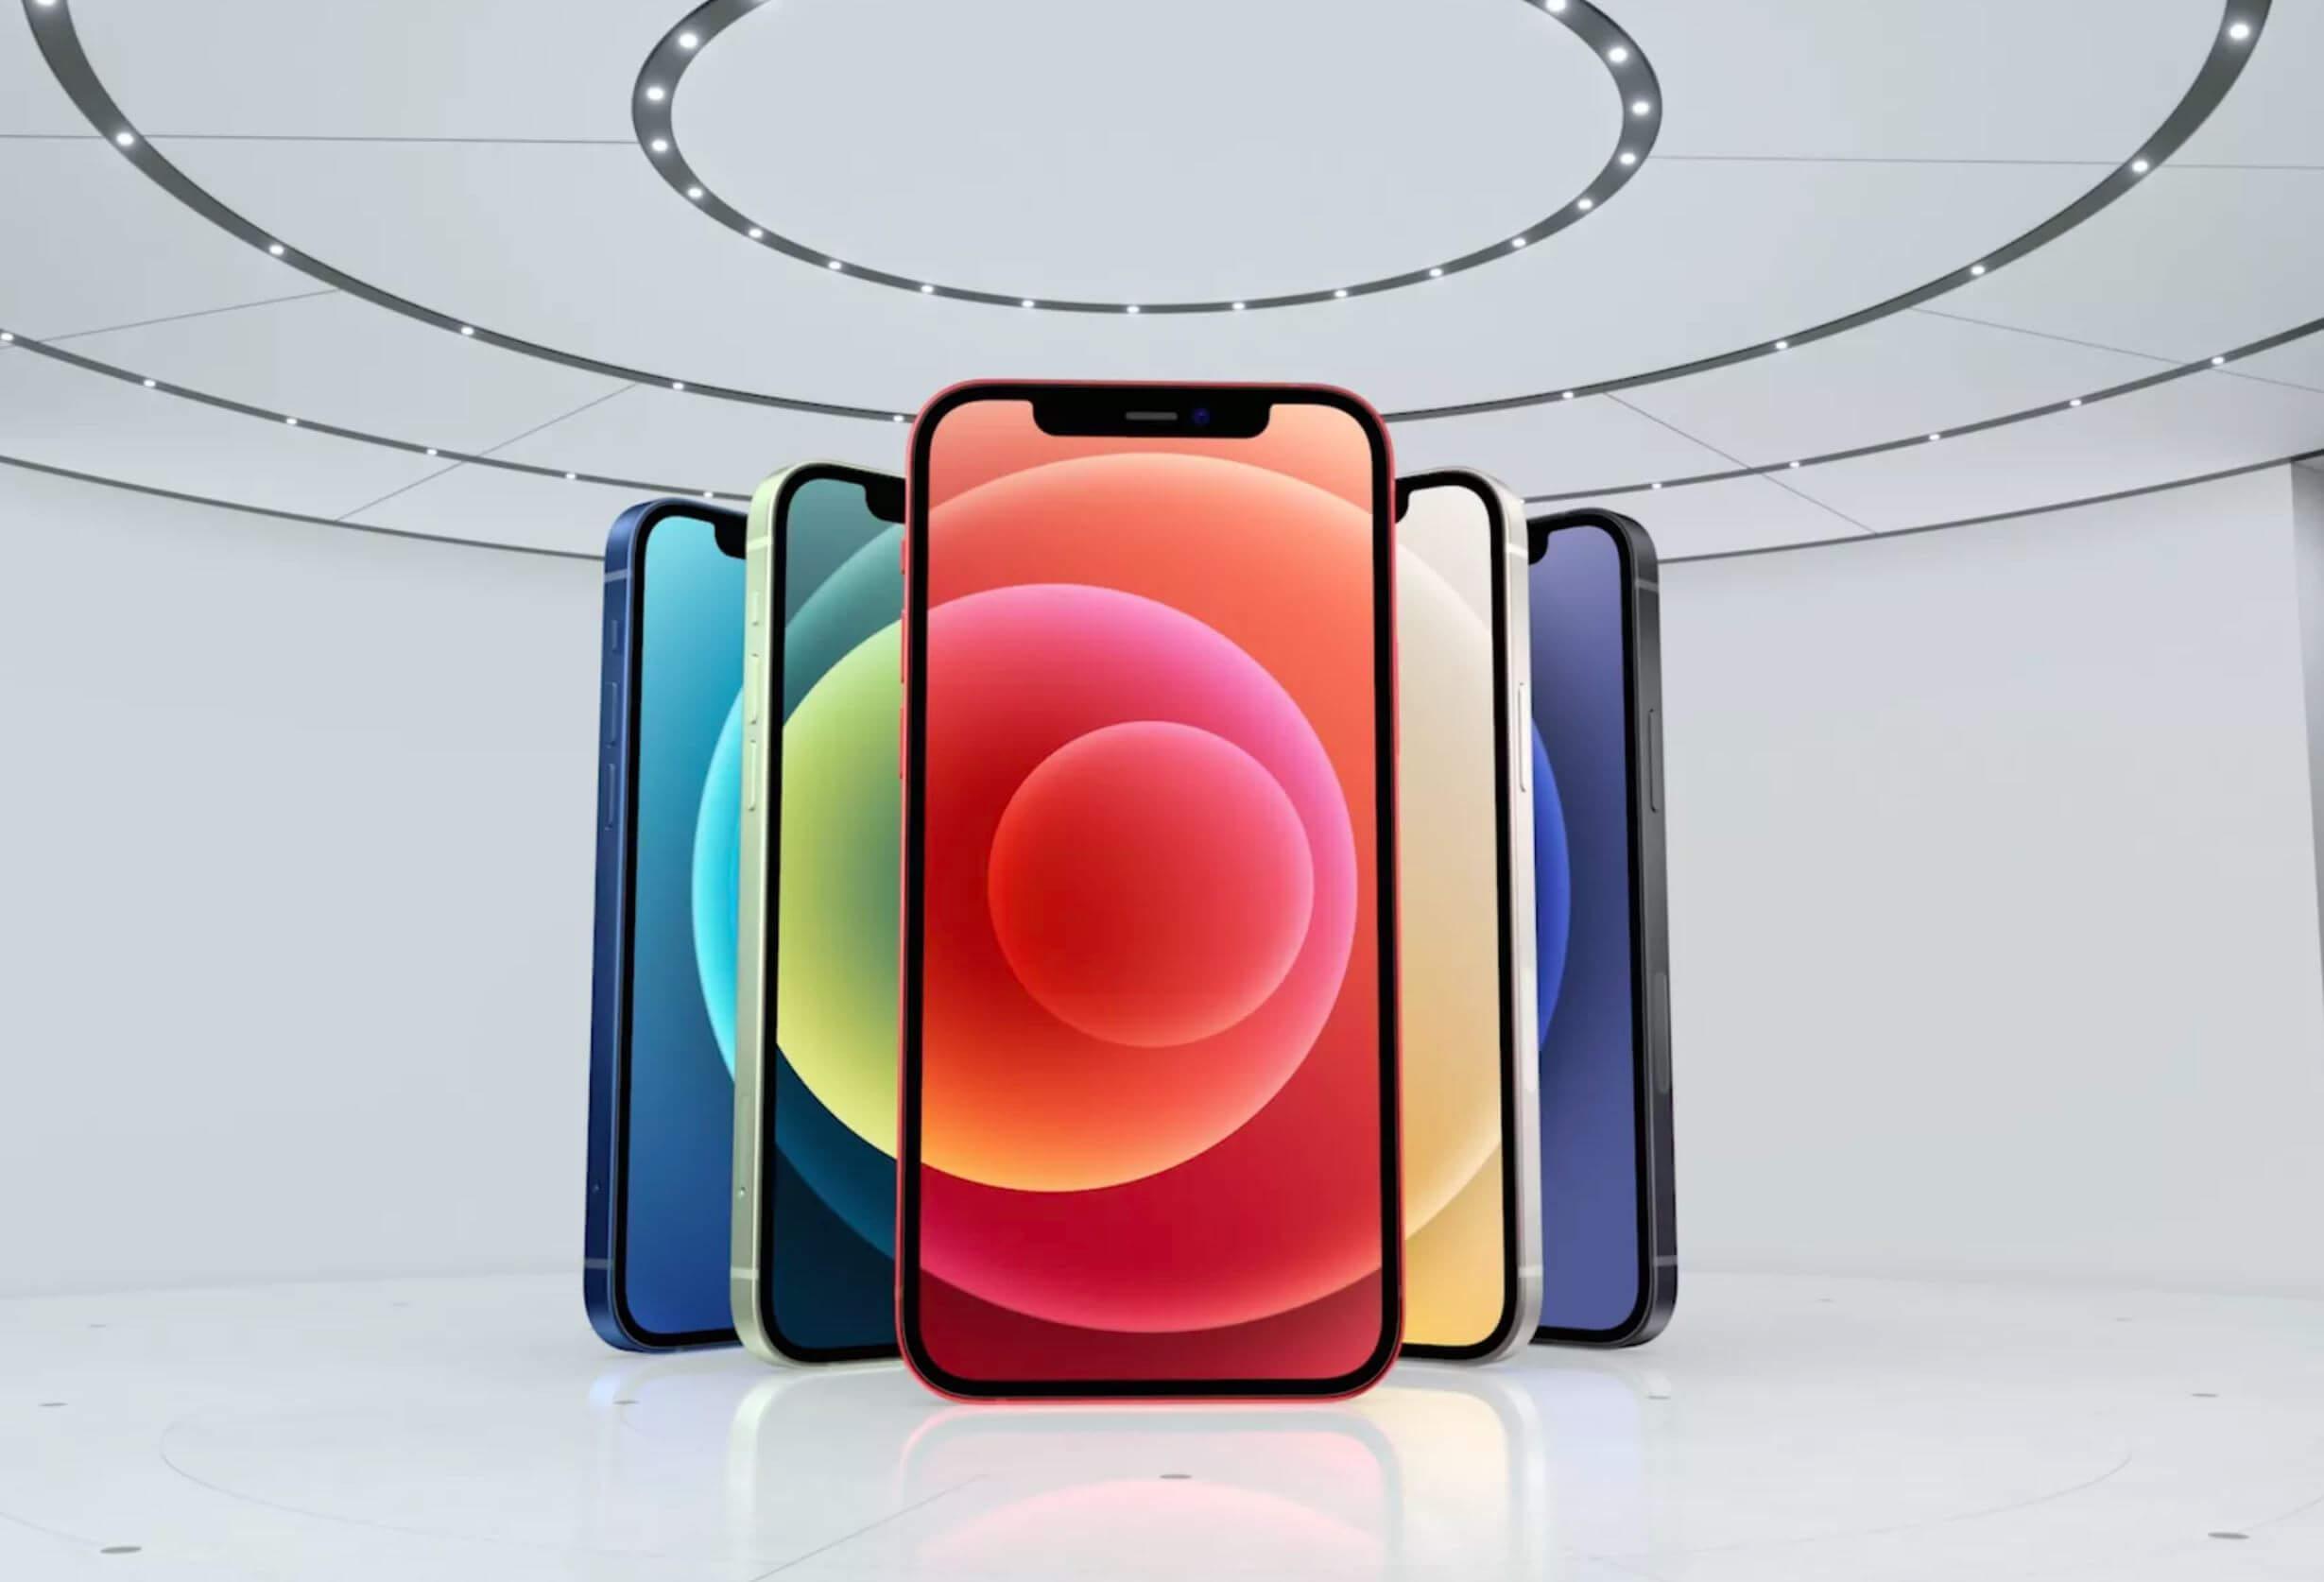 iPhone 12, iPhone 12 min, iPhone 12 Pro и iPhone 12 Pro Max получили OLED-панели Samsung и LG